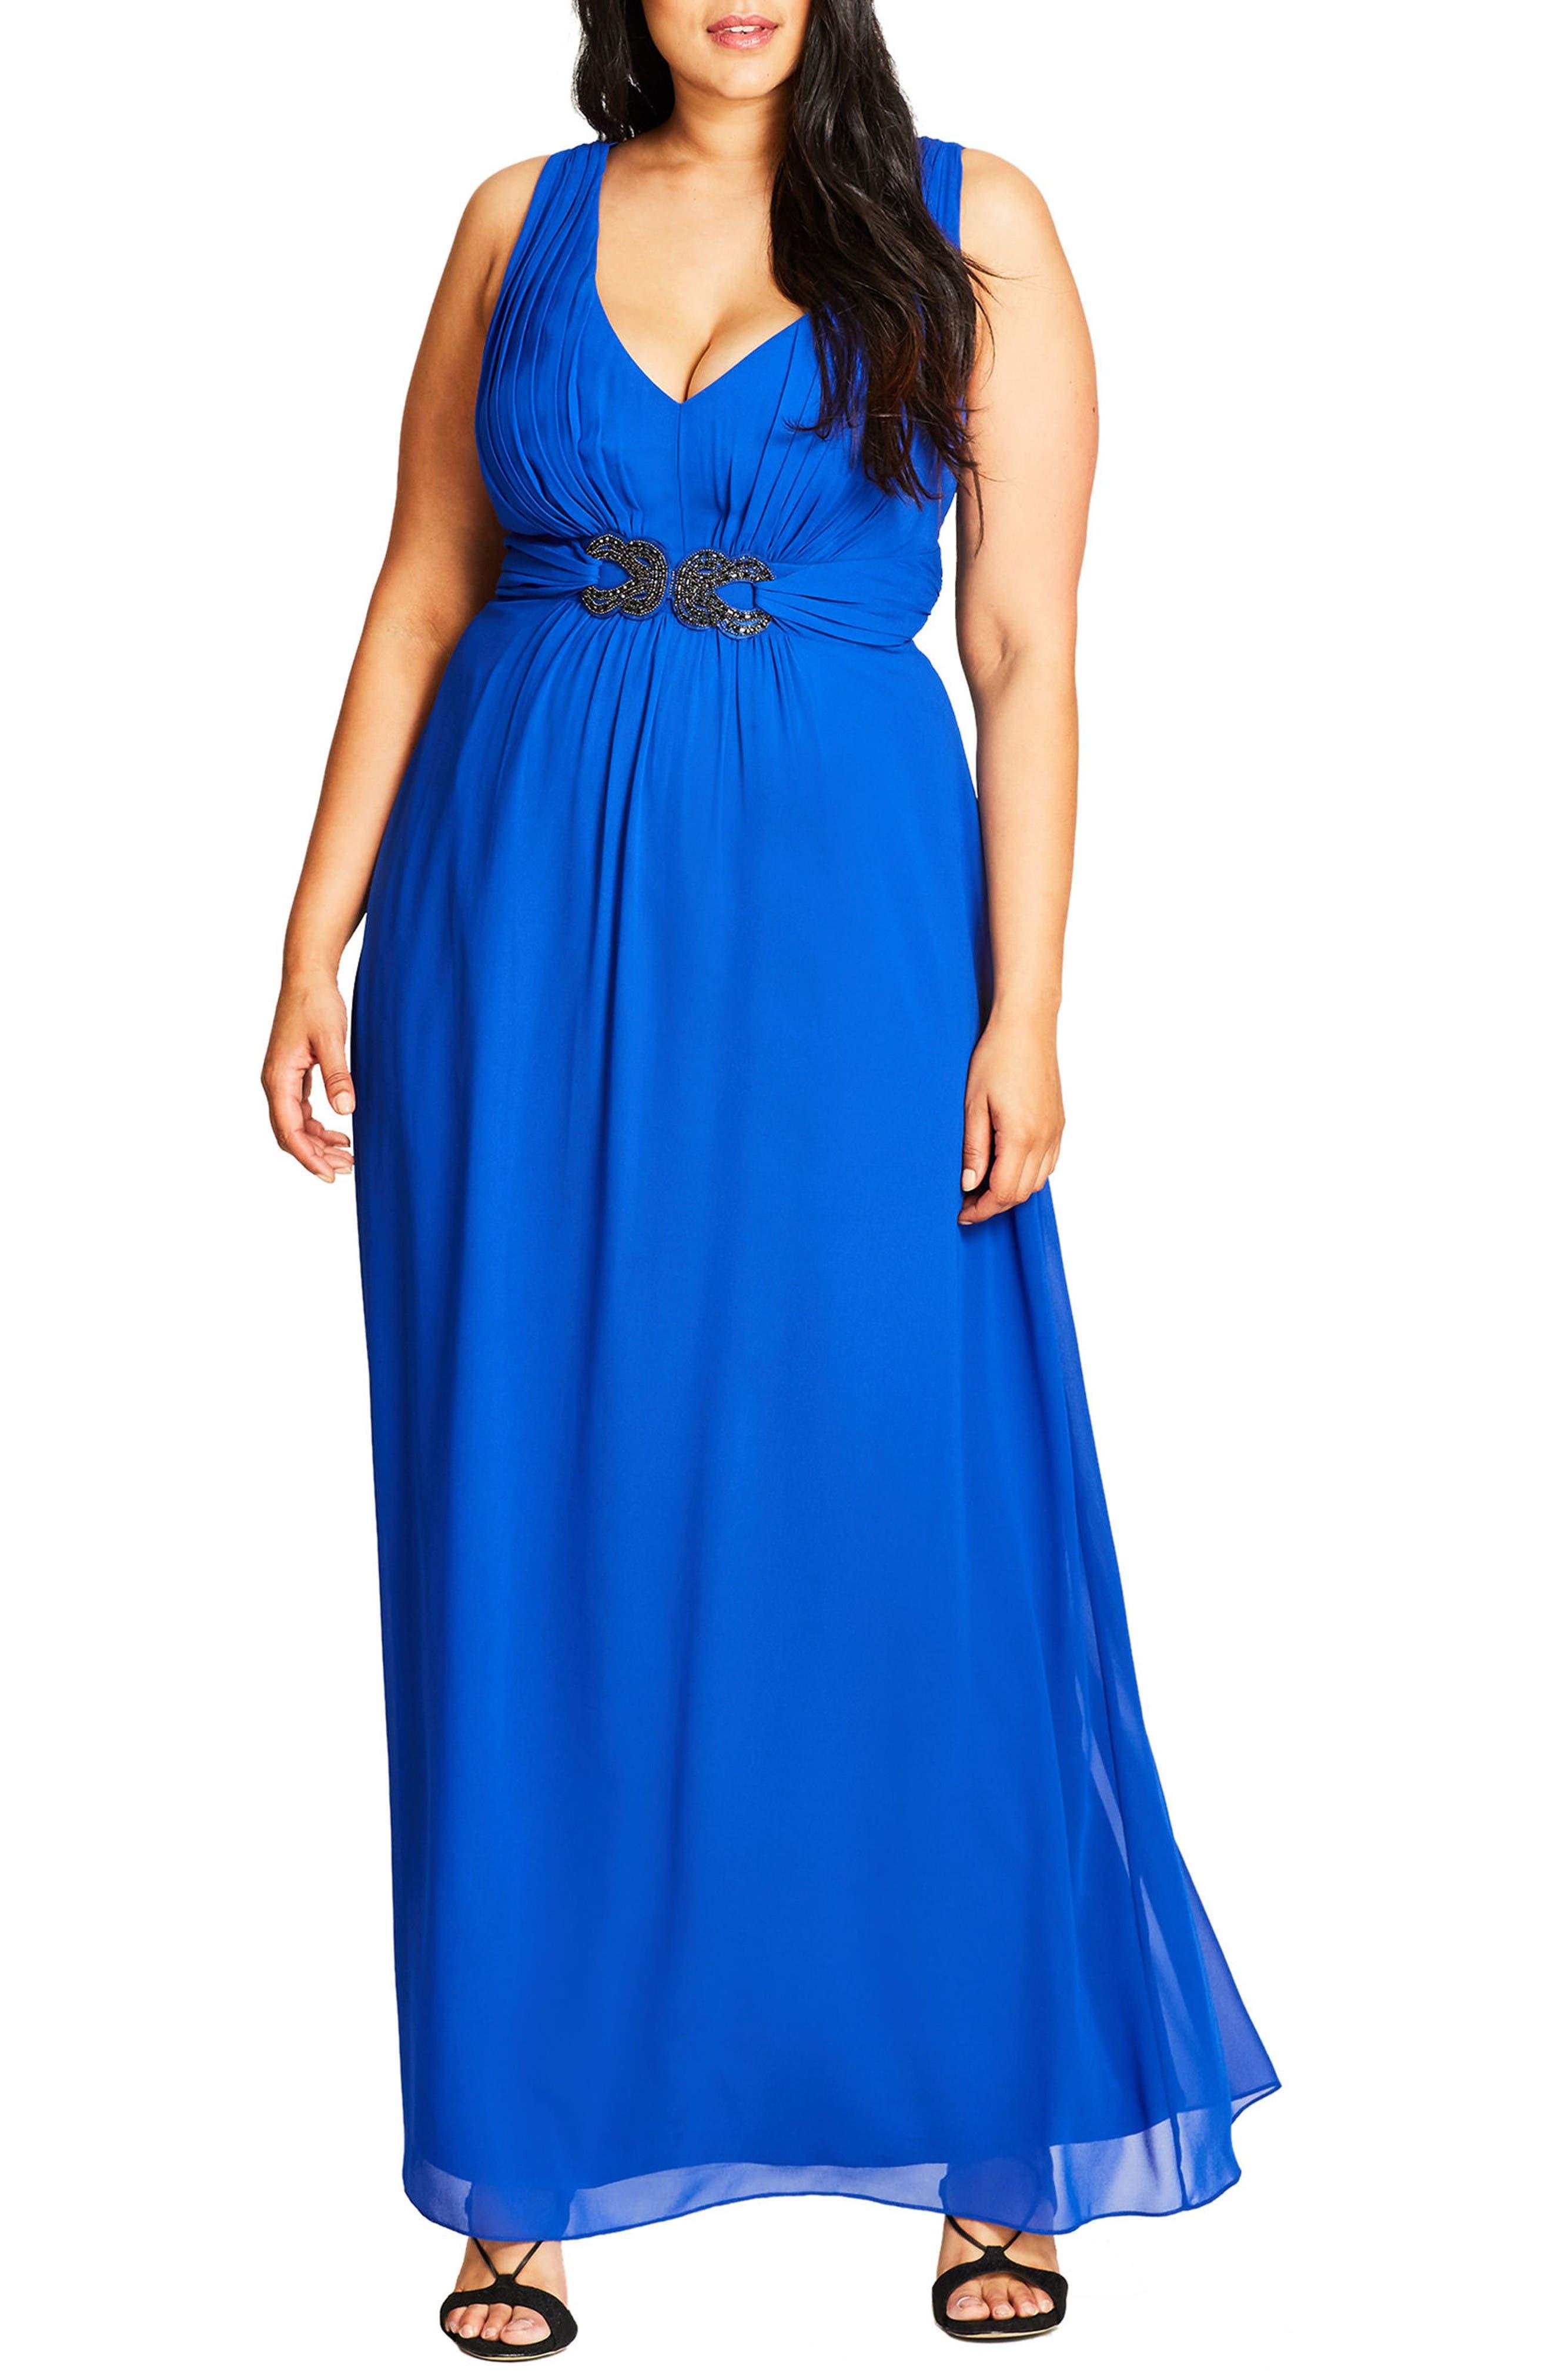 City Chic 'Elegant Sparkle' Embellished Maxi Dress (Plus Size)